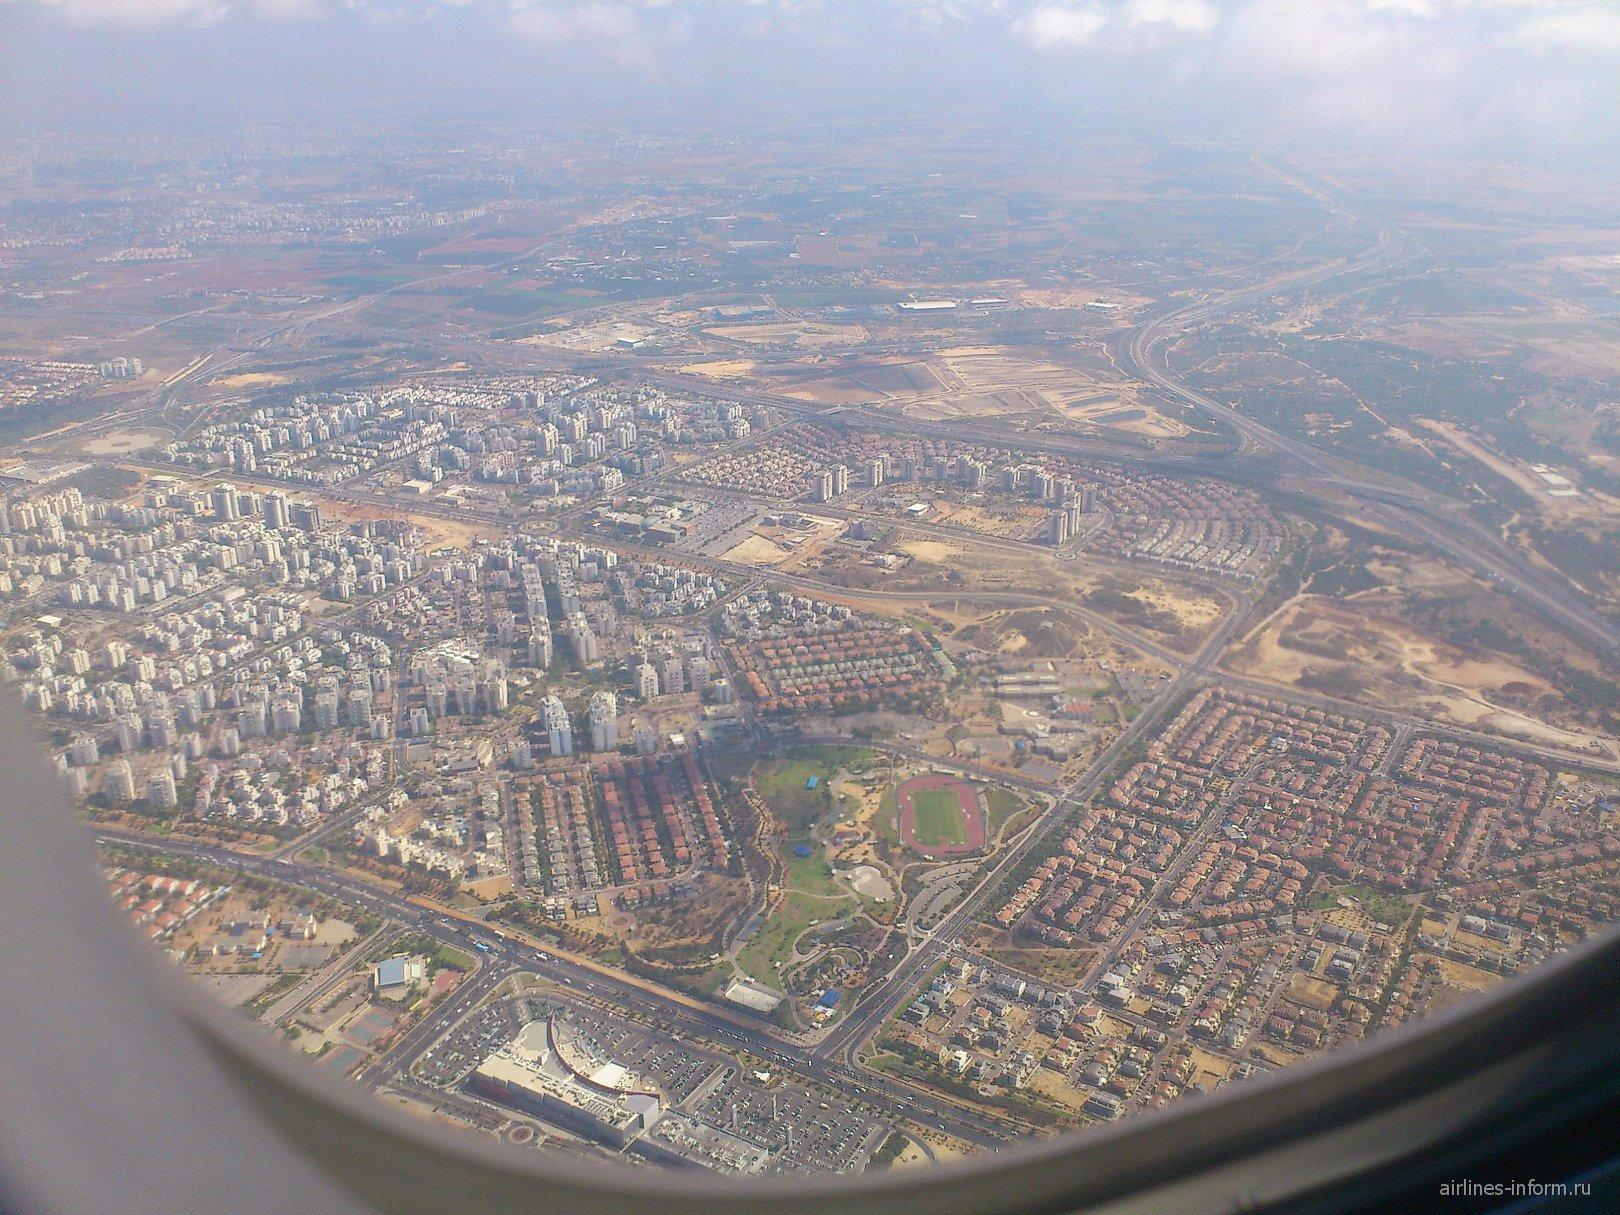 Взлет из аэропорта Тель-Авив